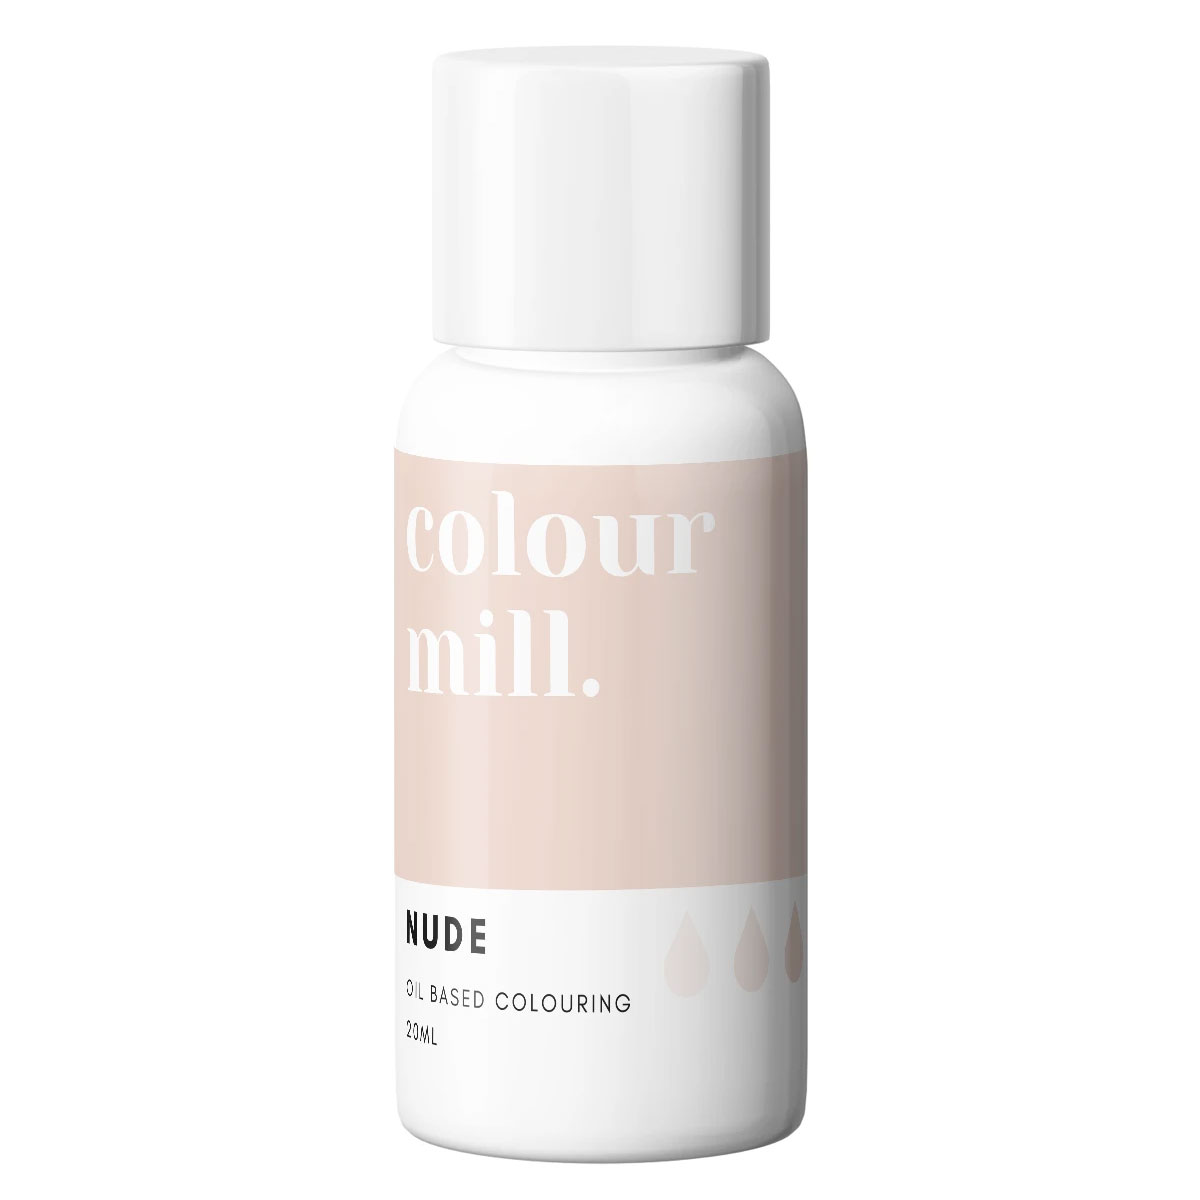 Colour Mill fettlösliche Lebensmittelfarbe - Nude 20ml